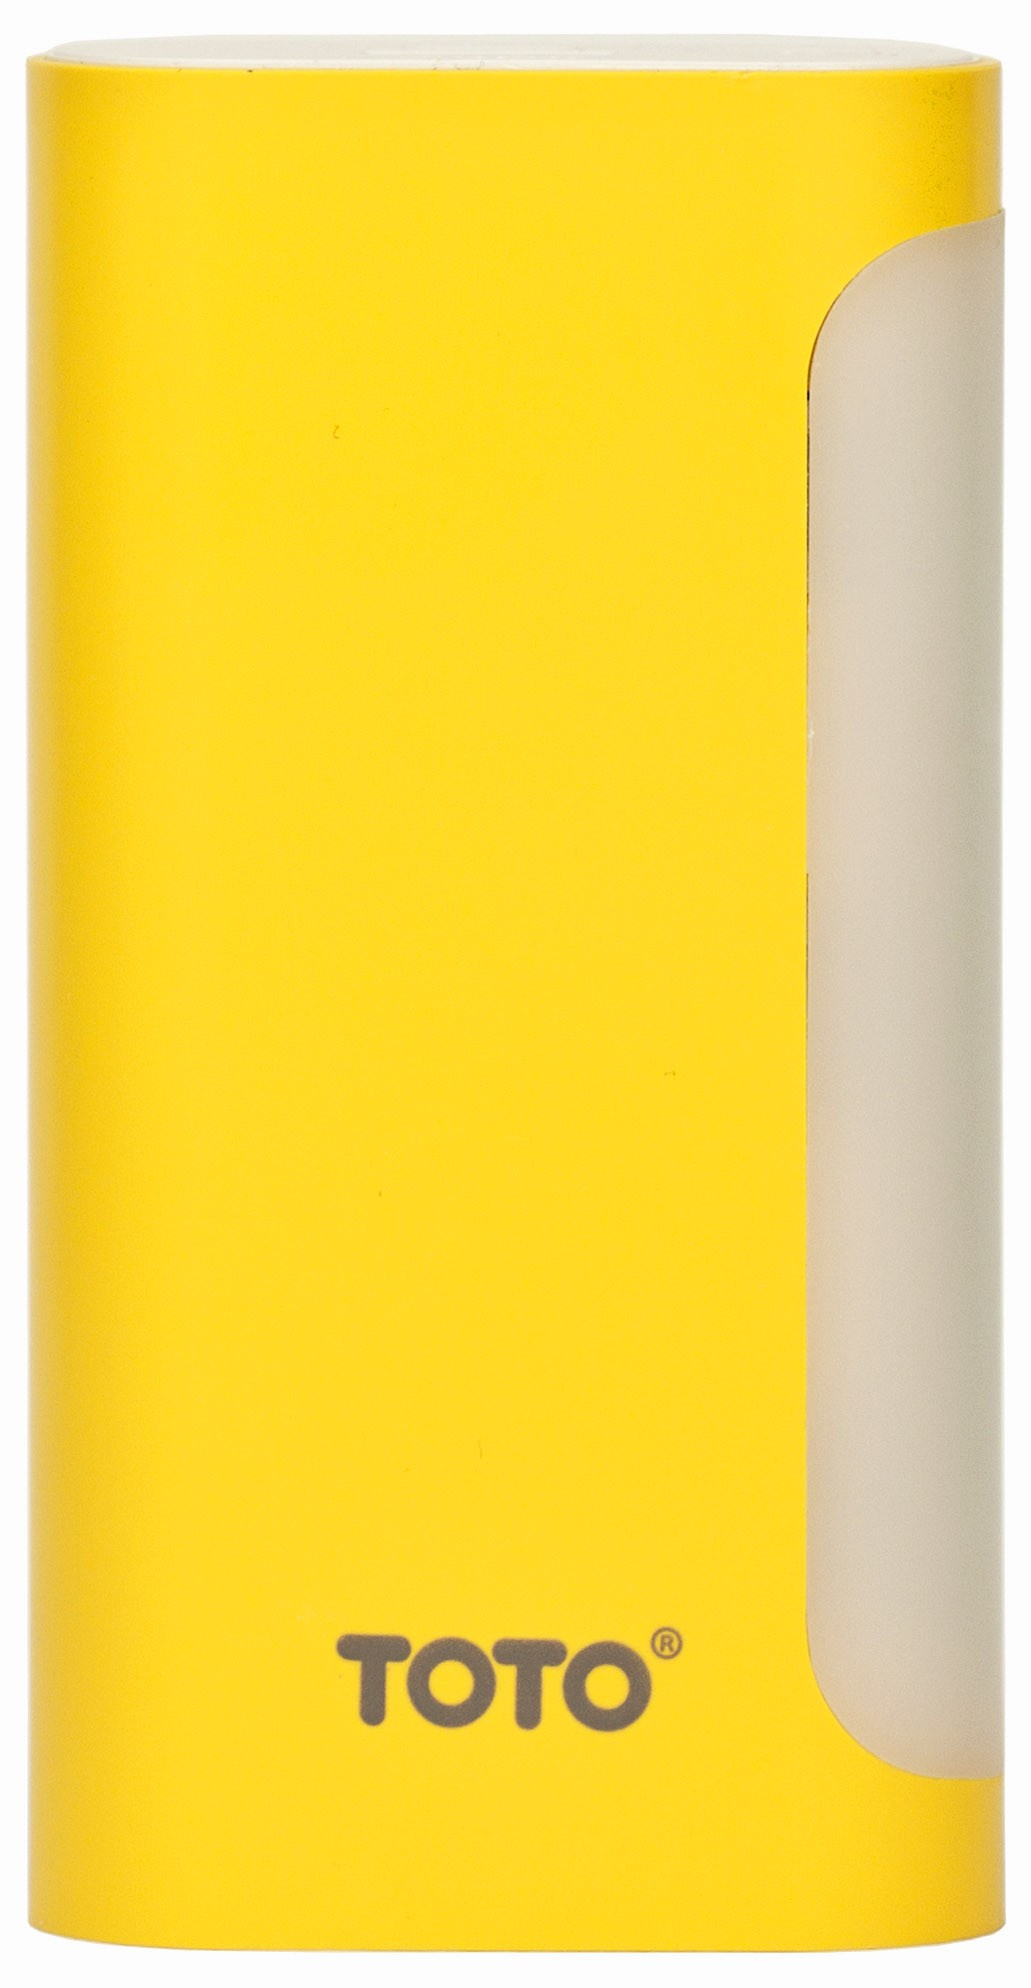 Портативная батарея TOTO TBG-49 Power Bank 5000 mAh 1USB 1A Li-Ion Yellow - Фото 1